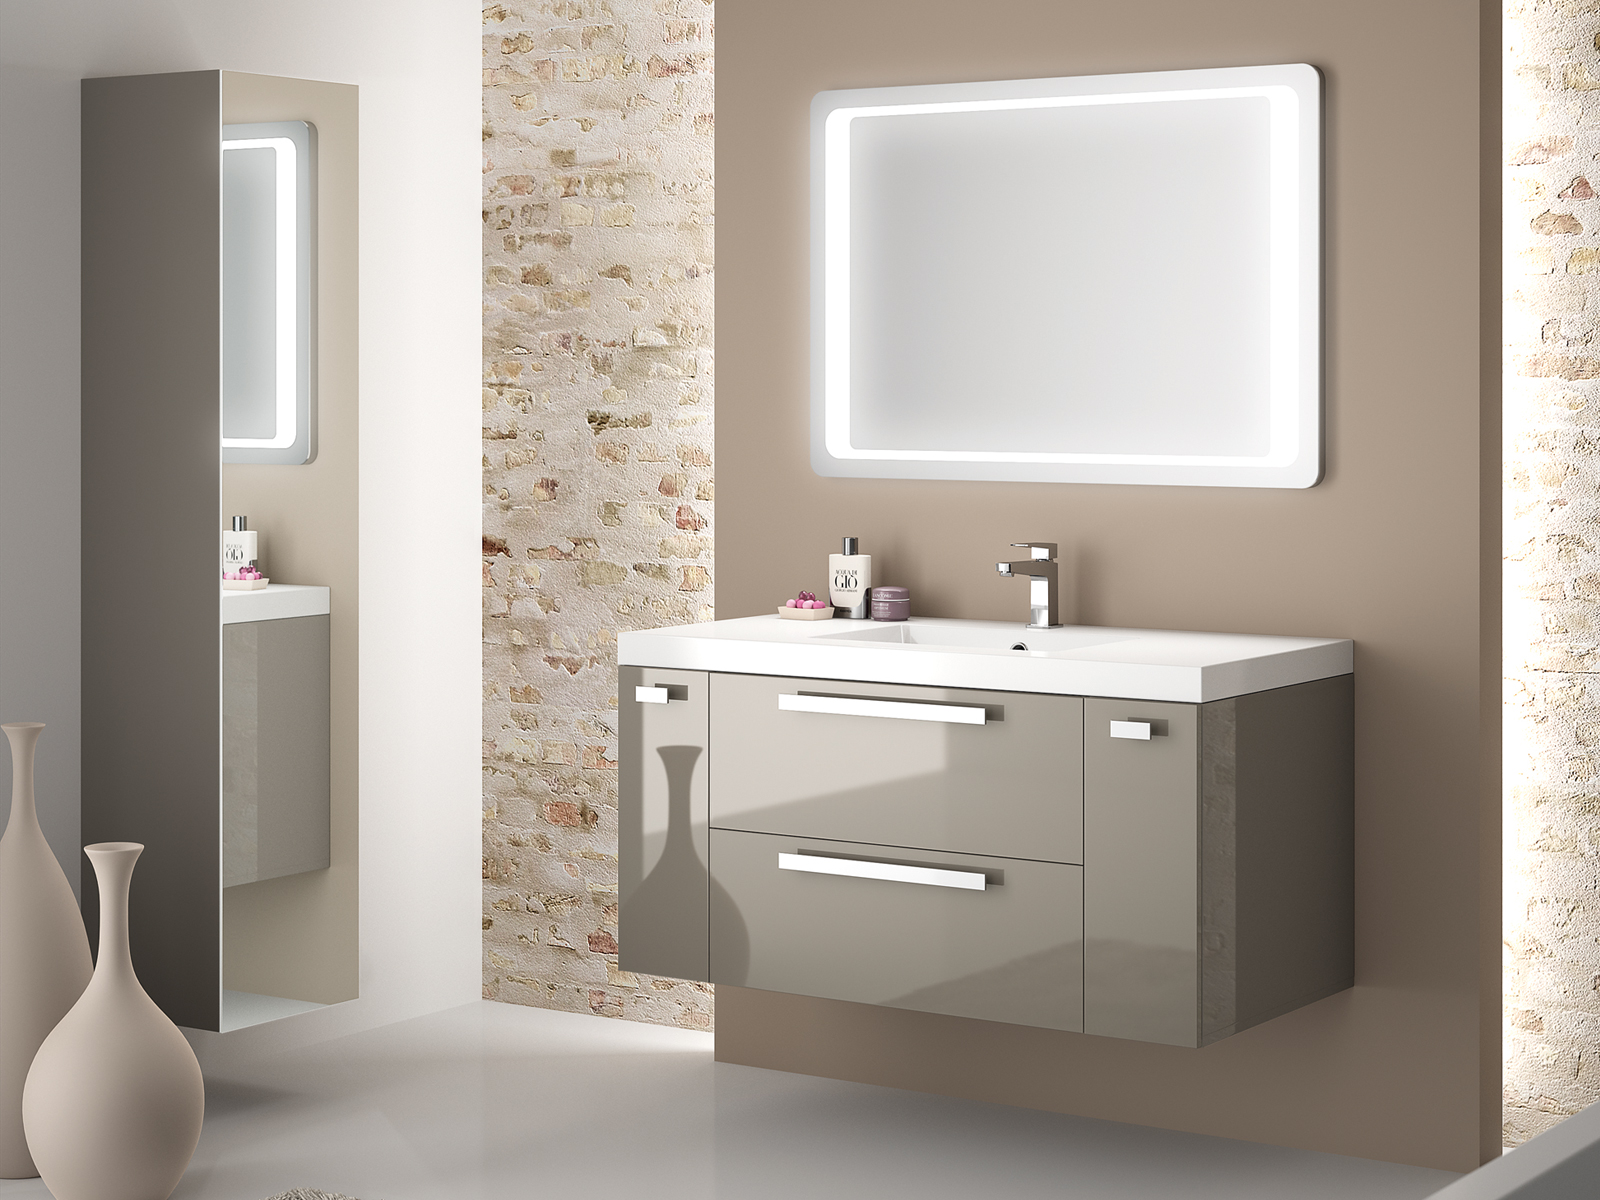 Mobilier de salle de bains aux multiples facettes - Magasin de